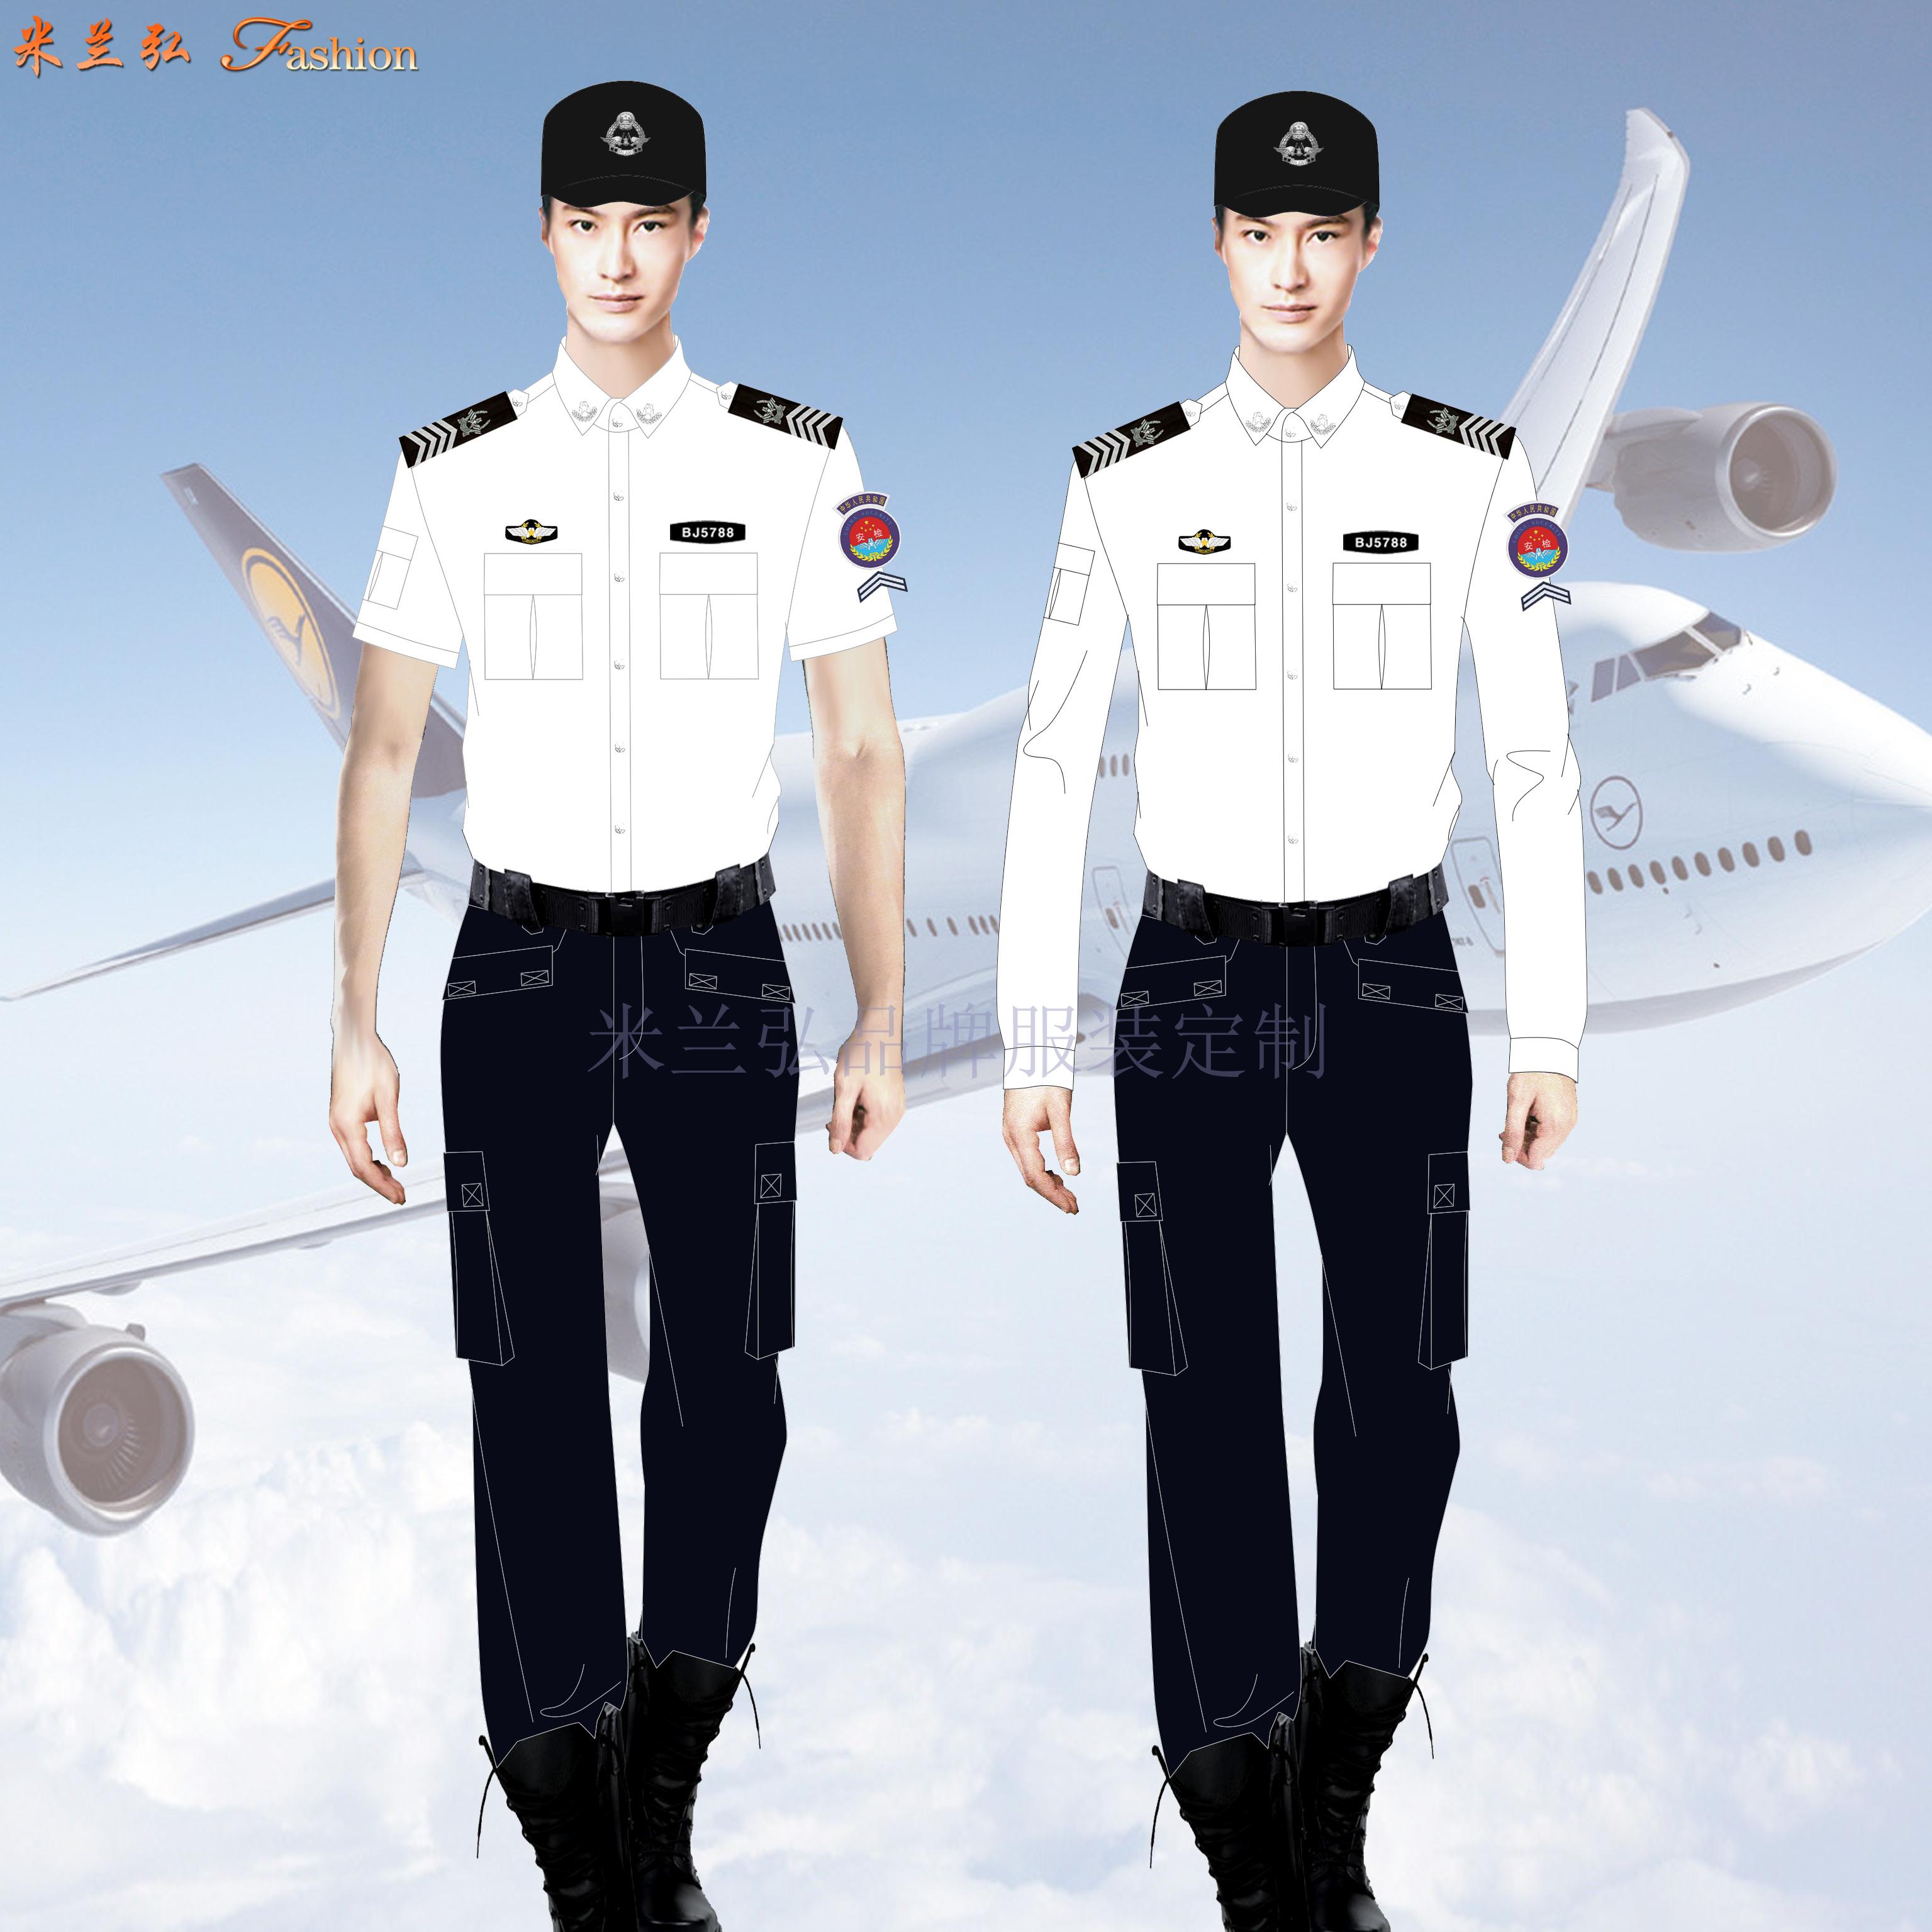 「機場10CA式安檢服定制」圖片_價格_面料_方法_廠家-5